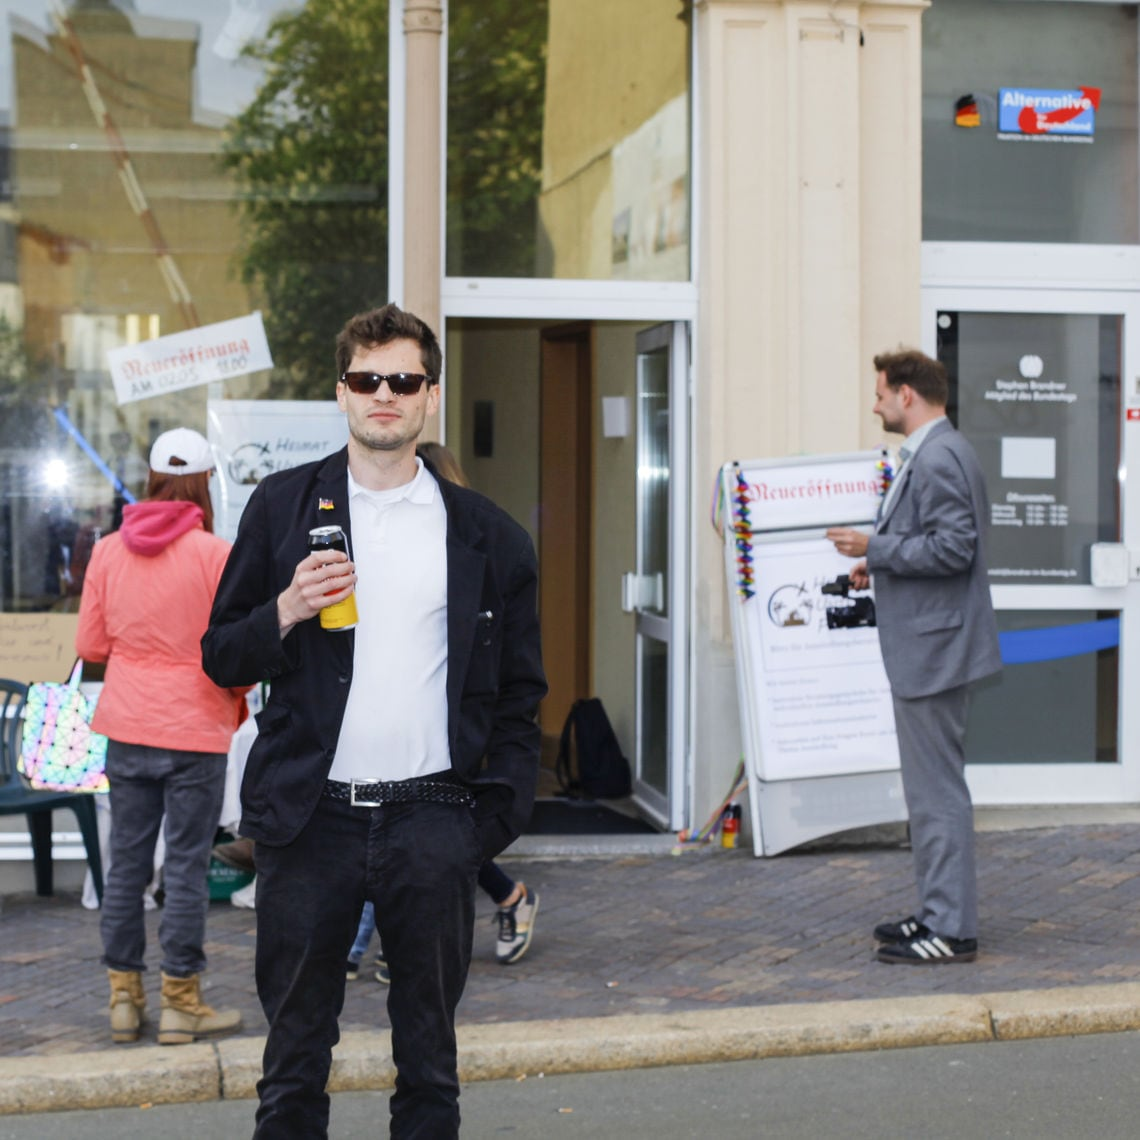 Fabian vor seinem Büro. Daneben: Das Wahlkreisbüro des AfD-Bundestagsabgeordneten Stephan Brandner.